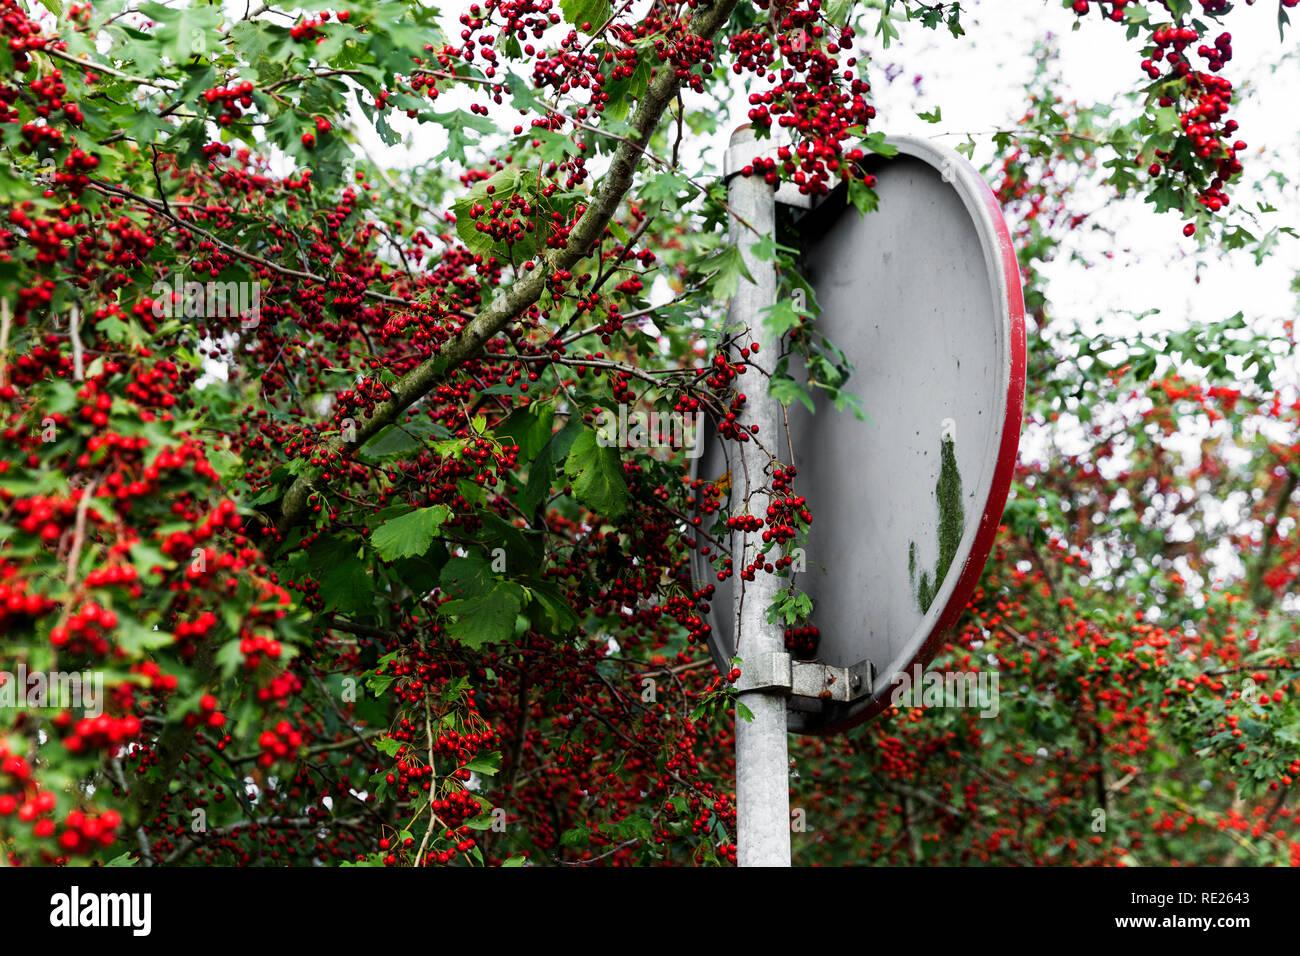 Choke baya roja coincidente de la señalización de las carreteras. Una ilusión visual para aquellos atrevidos tomate el cerebro trabajar un poco. Imagen De Stock